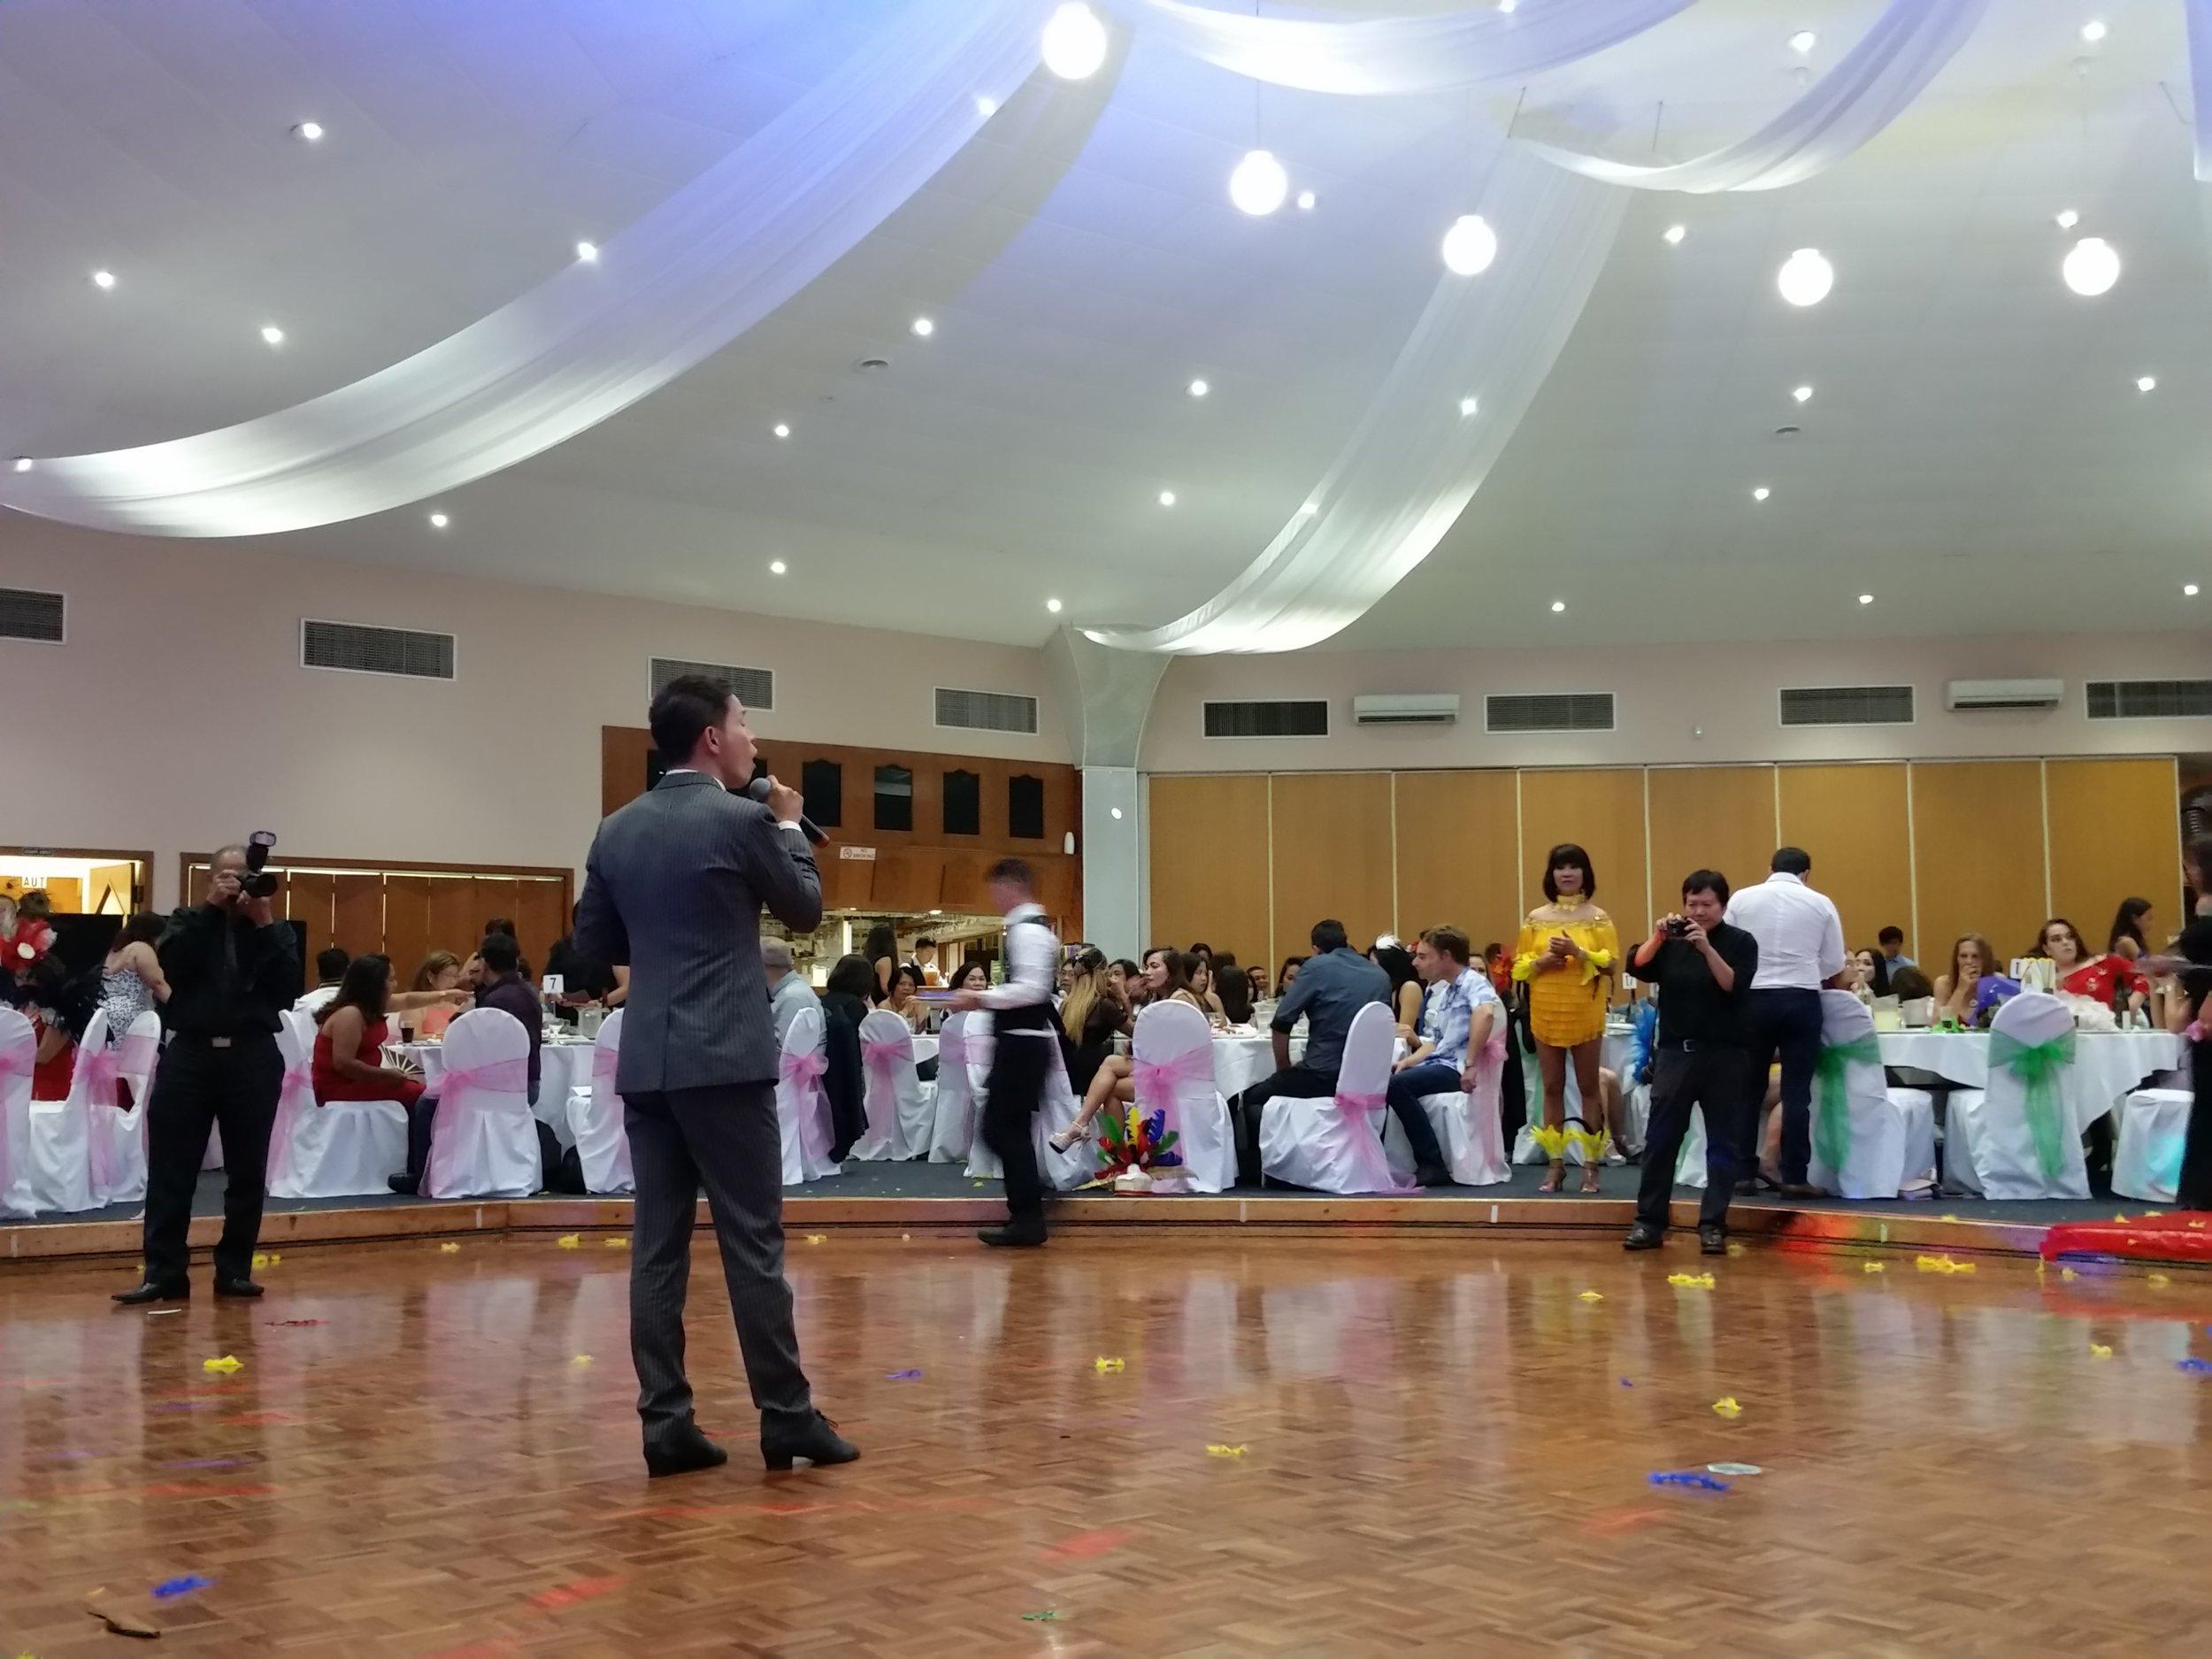 melbourne-charity-nonprofit-victoria-australia-philippines-rio-event.jpg